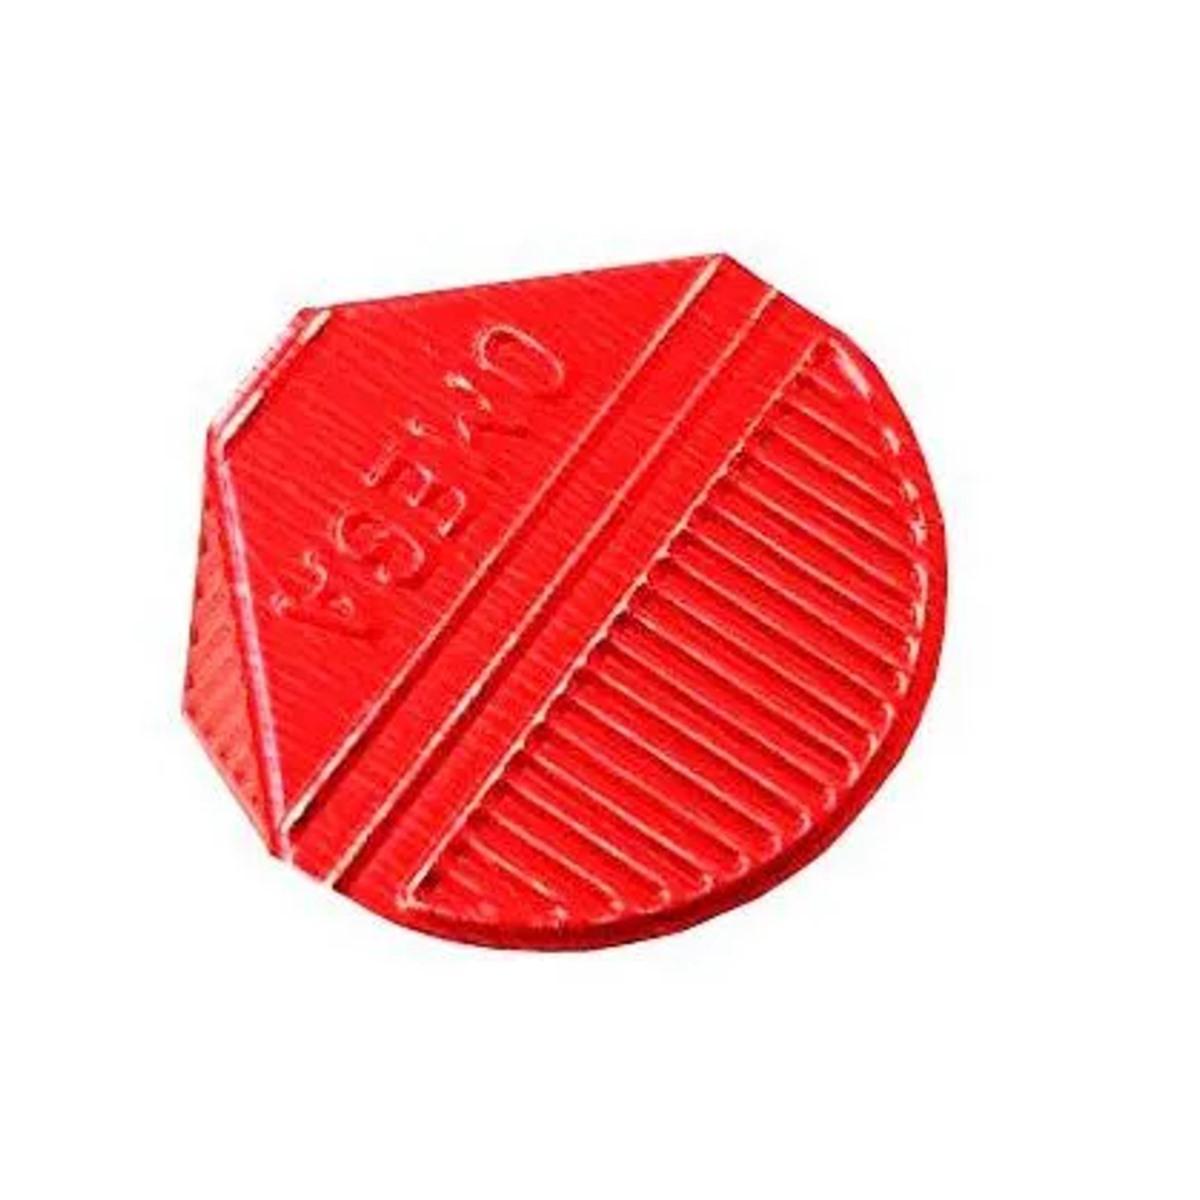 Prendedor de  Papel Presclip Omega - Caixa 1000 Unds Vermelho